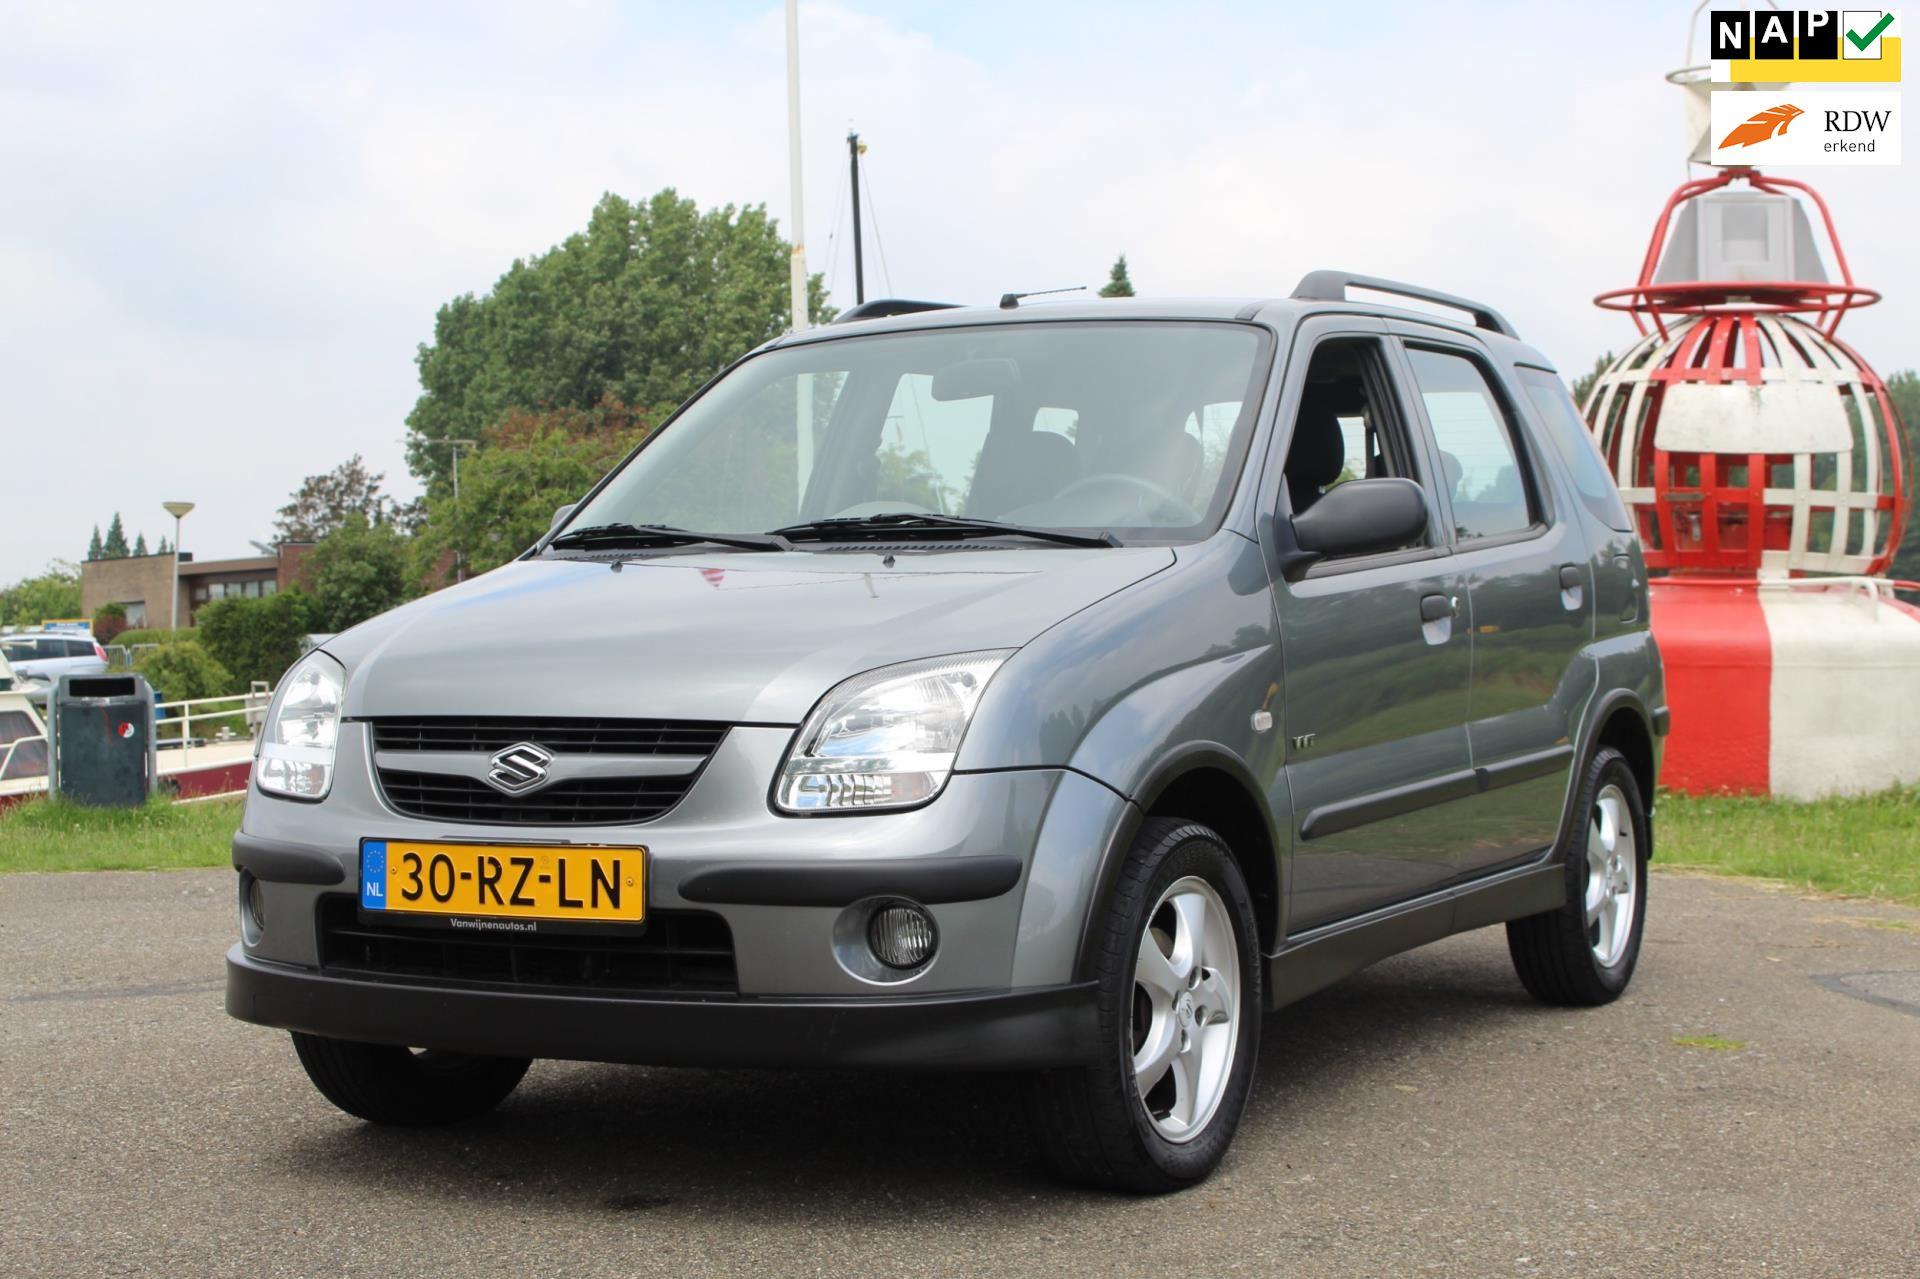 Suzuki Ignis occasion - Van Vliet Auto's